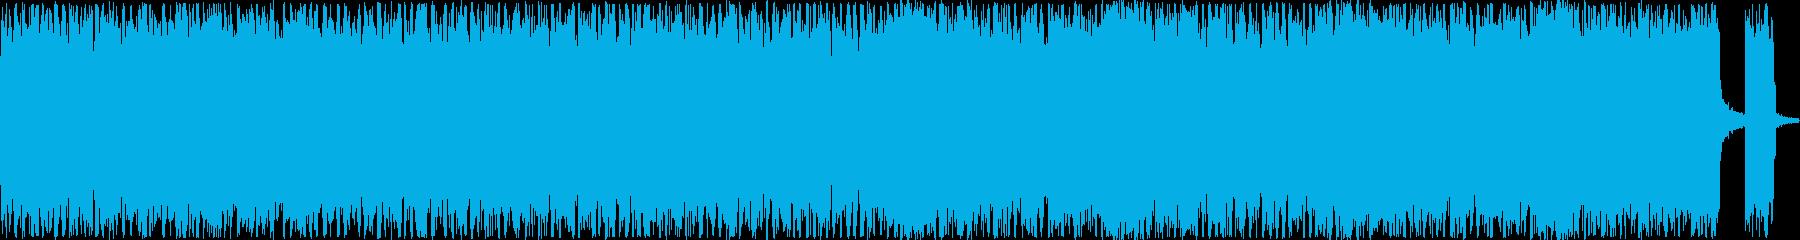 シンセを入れたヘビーメタルの再生済みの波形